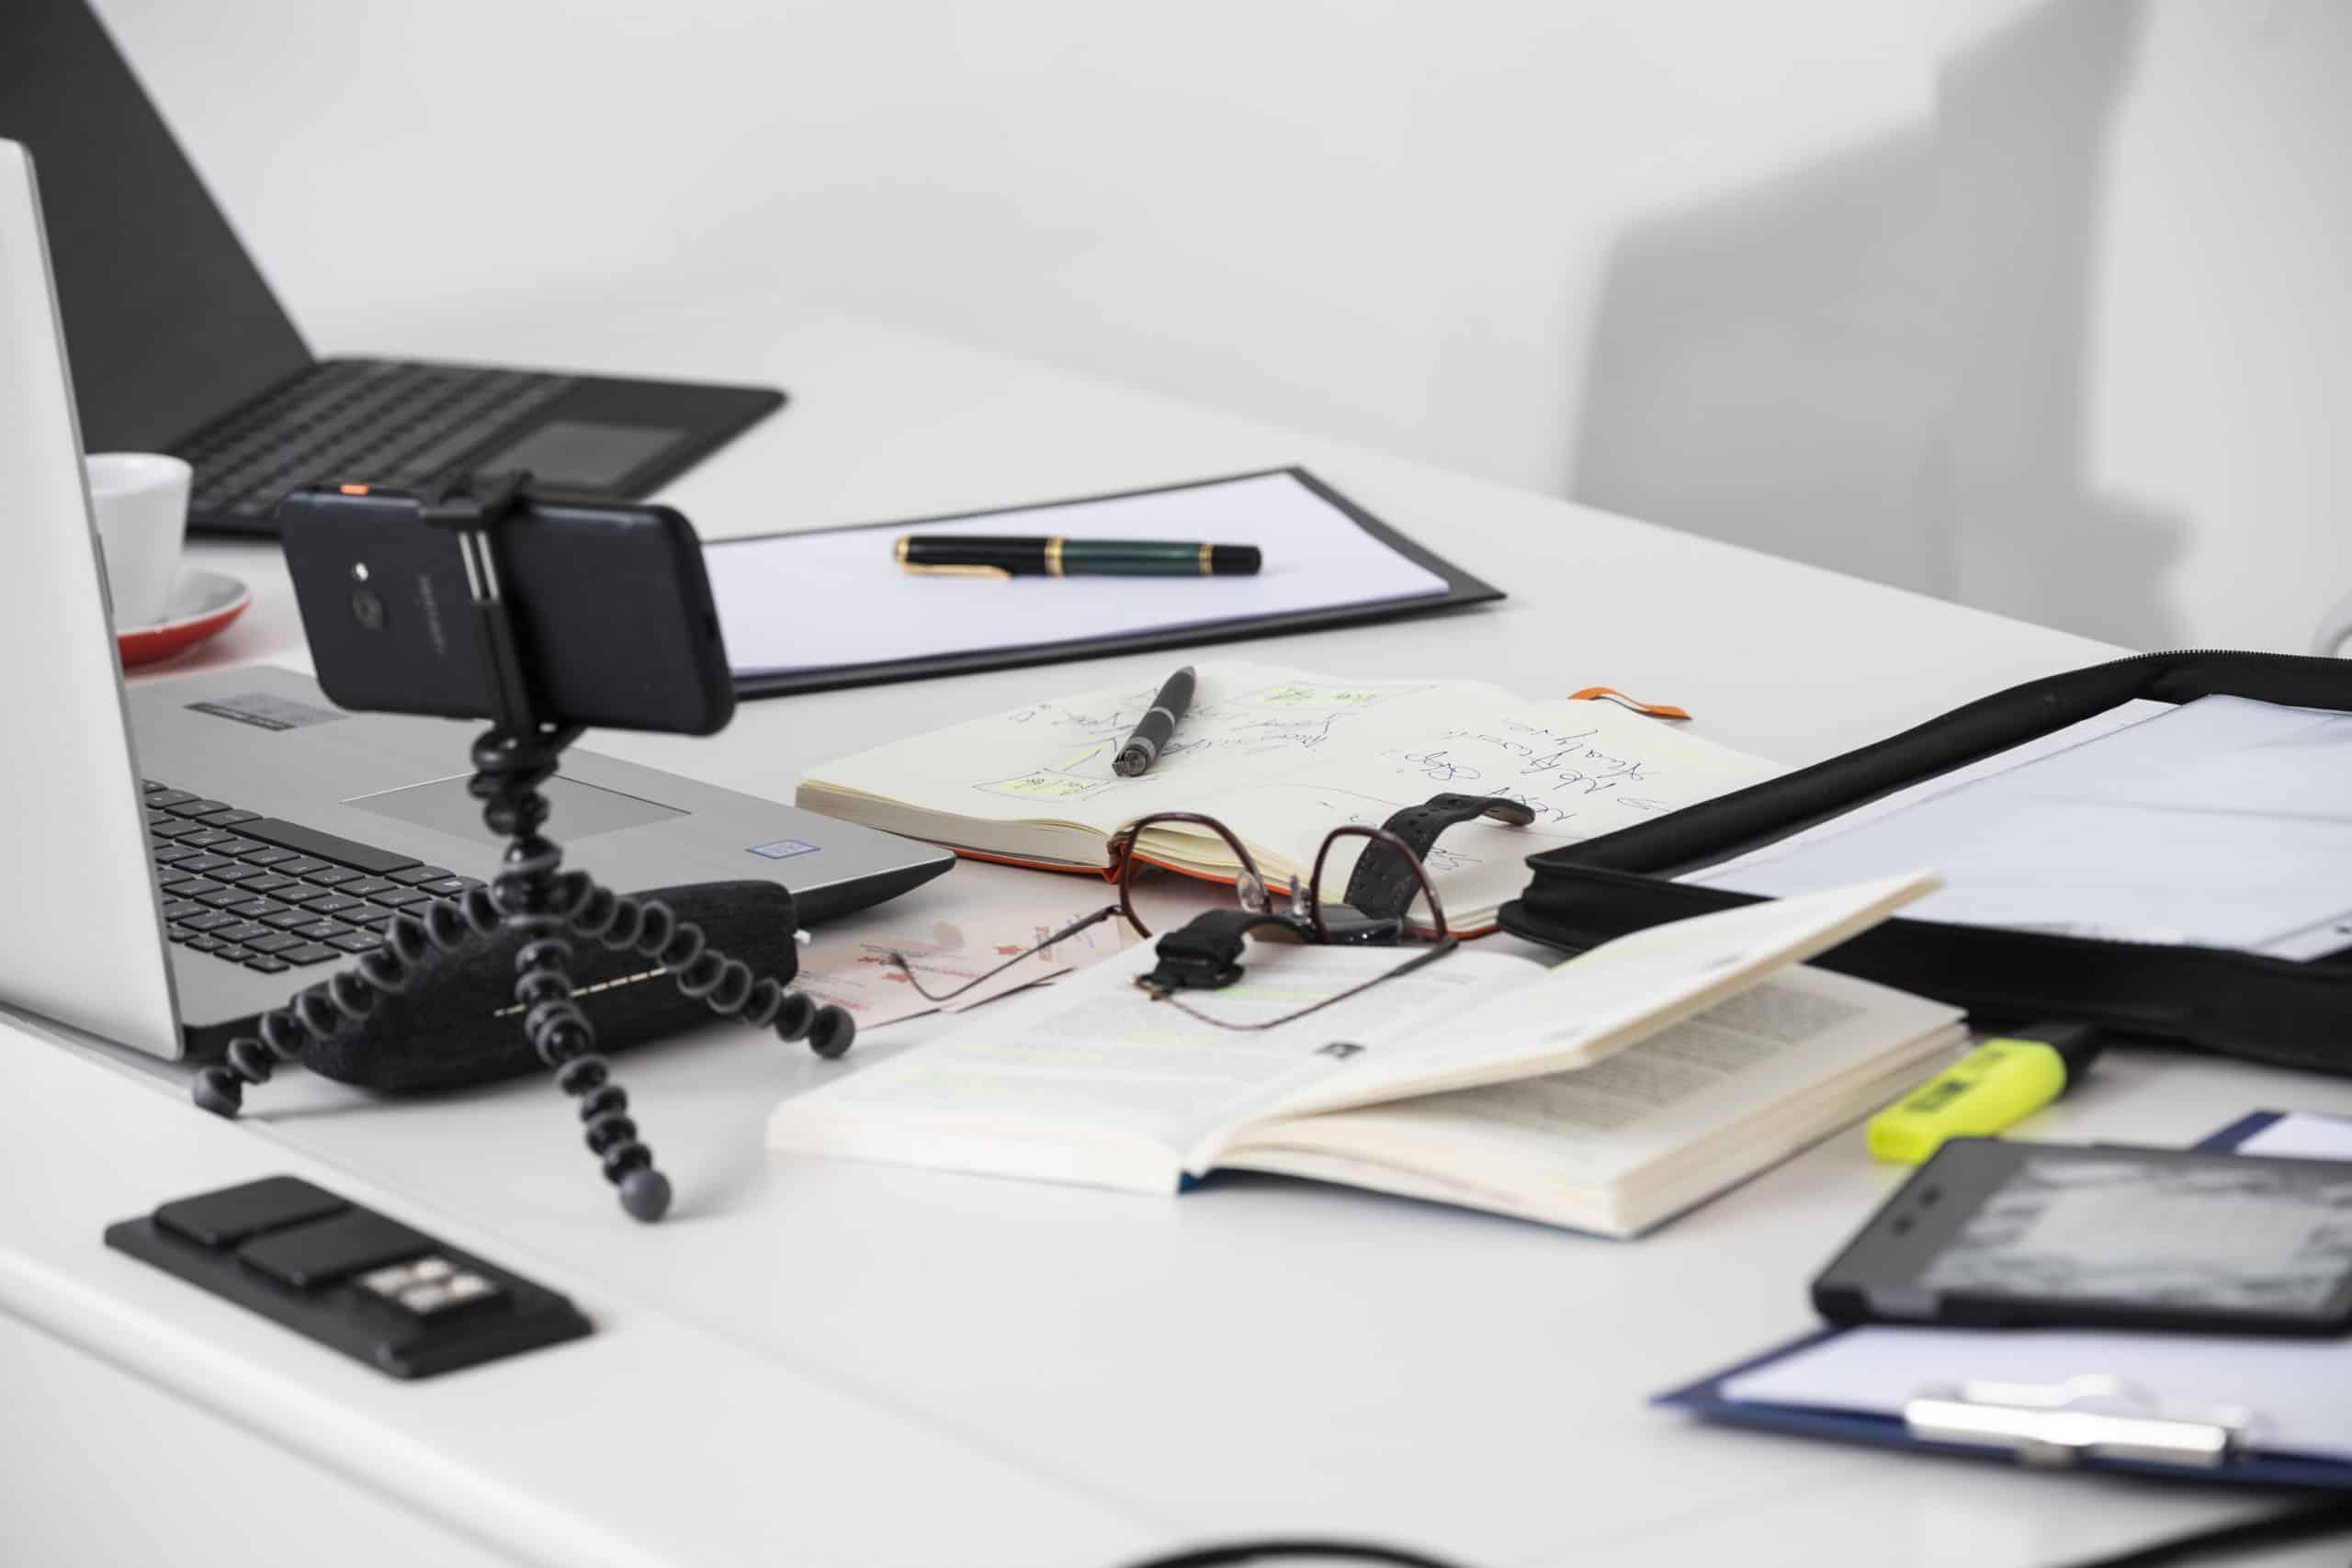 Schreibtischutensiilien